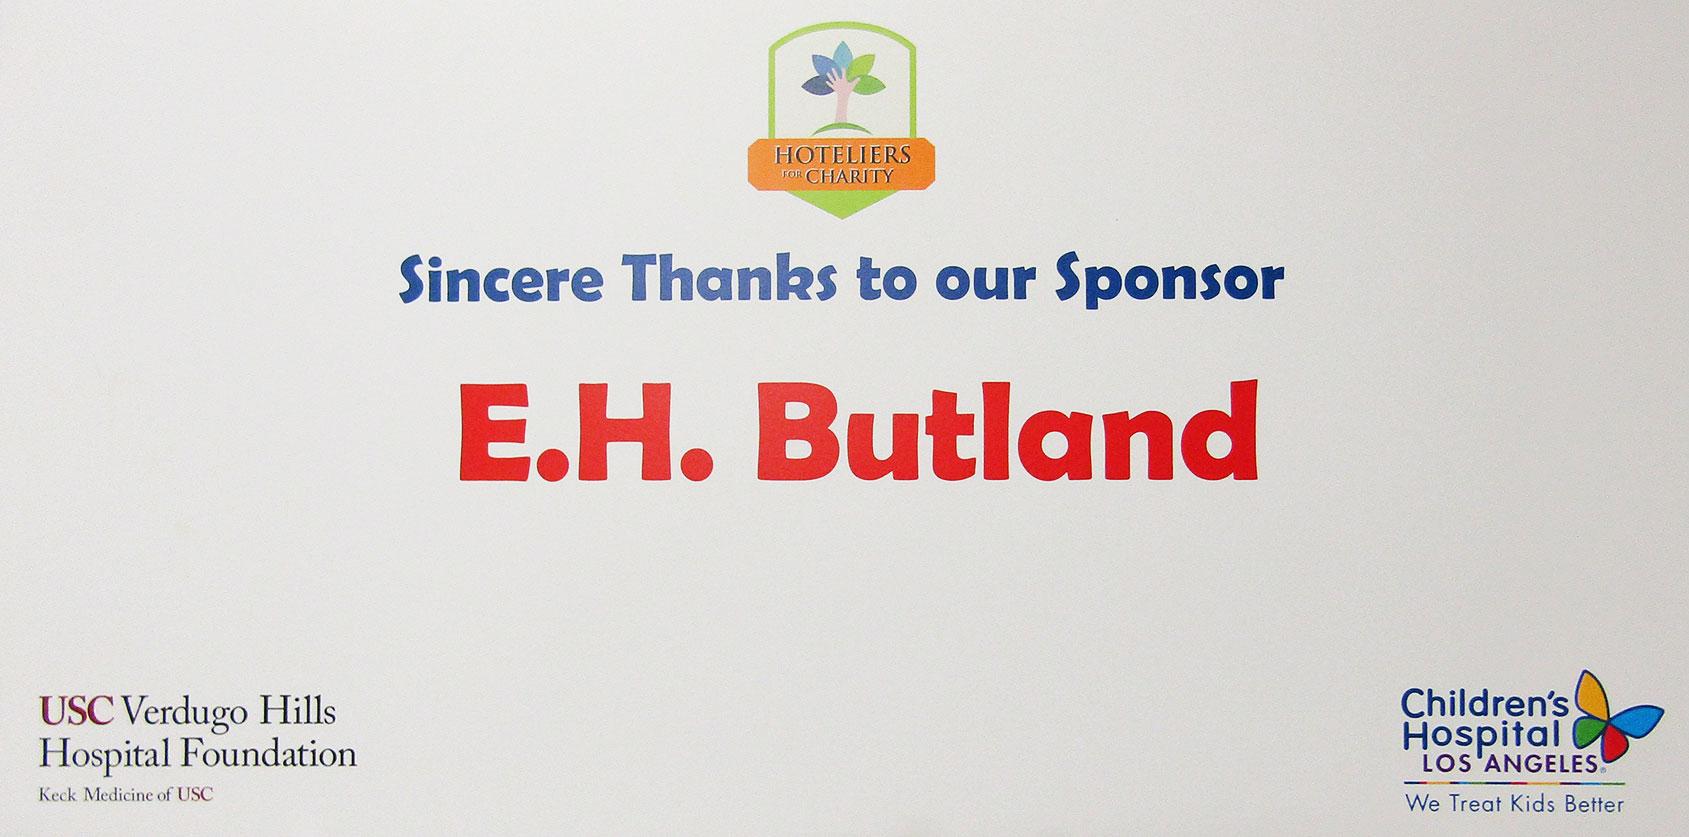 Children's Hospital Sponsor